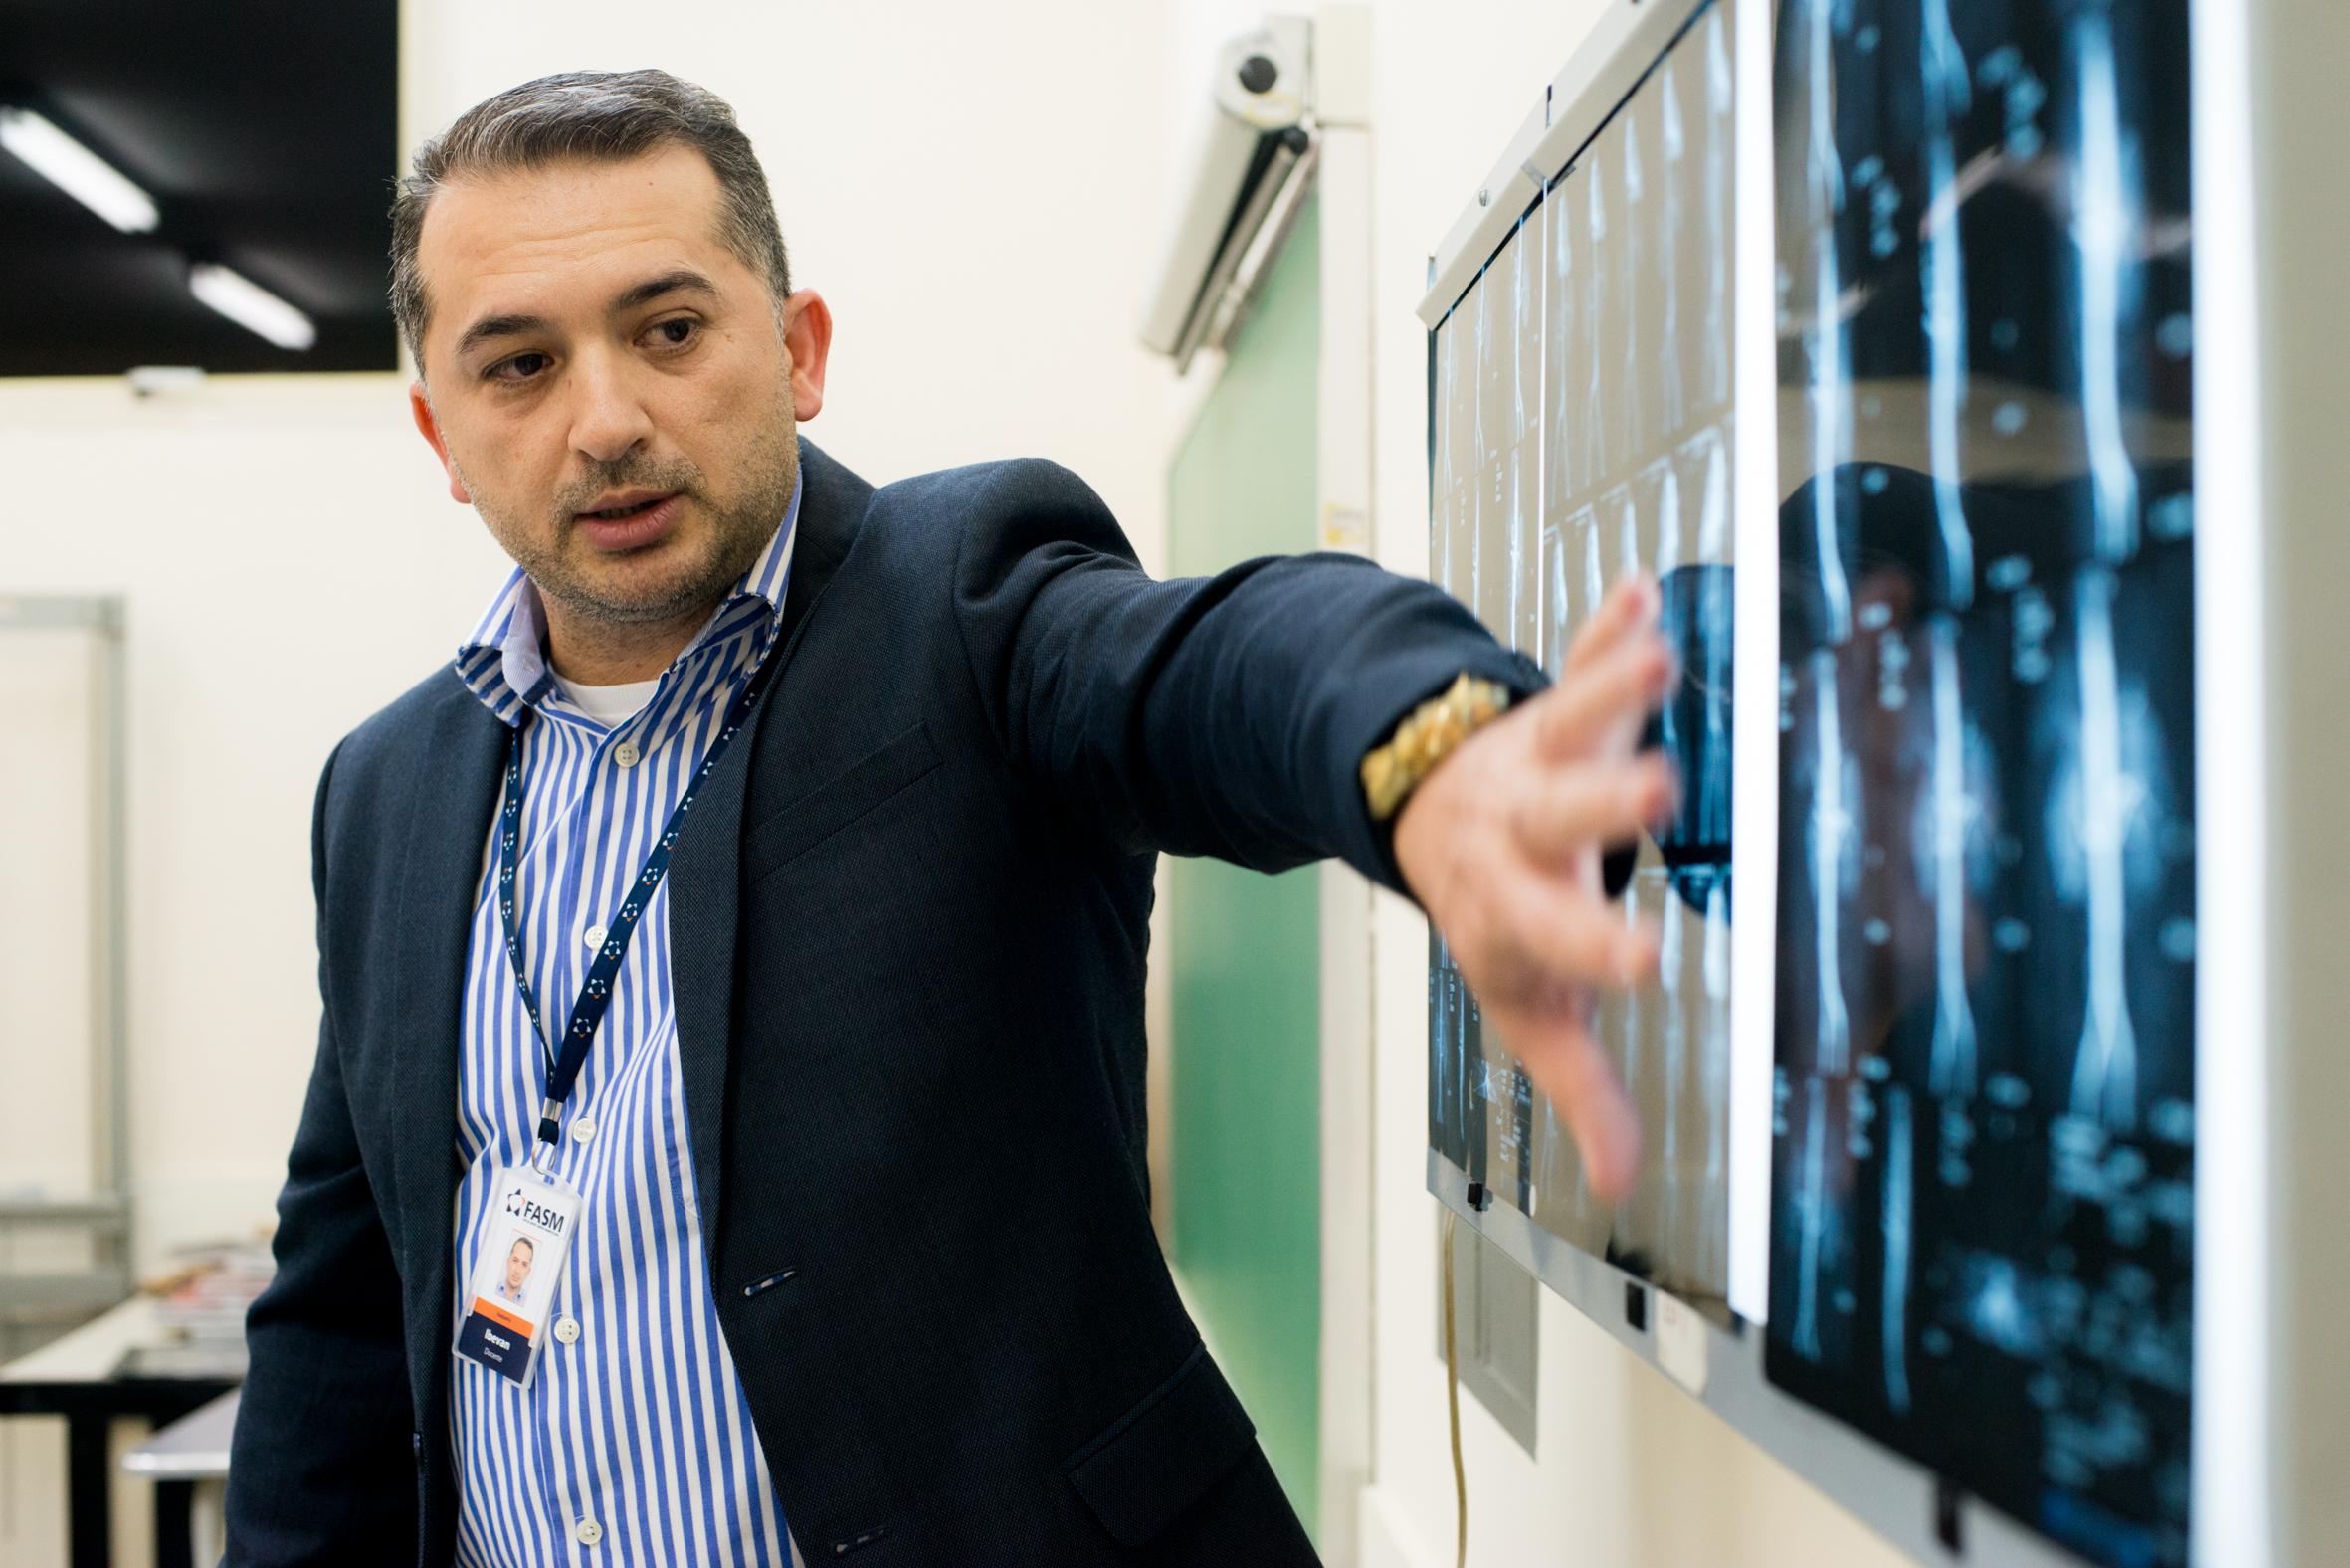 Ibevan Arruda, coordenador do Curso de Tecnologia em Radiologia da FASM.